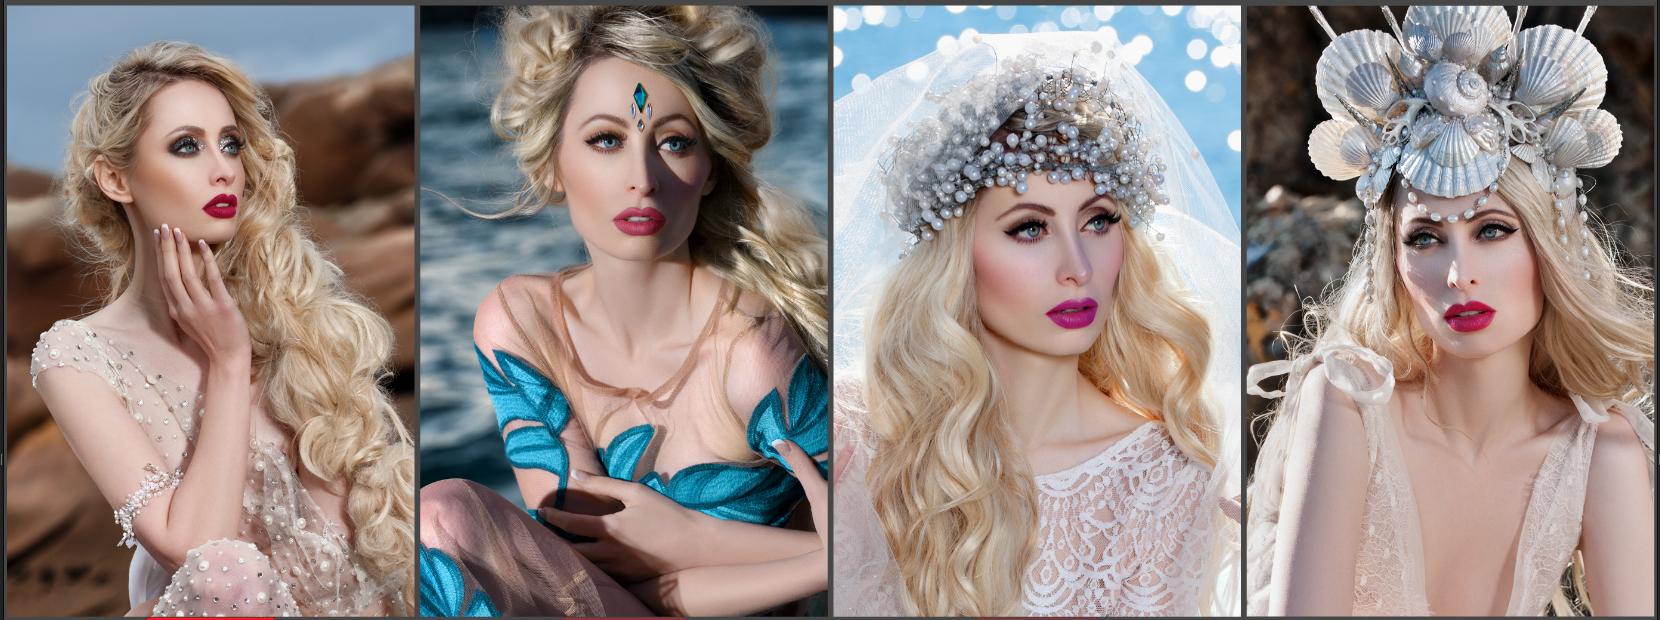 © Brice Dirlès photographe - Albine modèle - Makeup Lucie Champion & Pauline Munoz